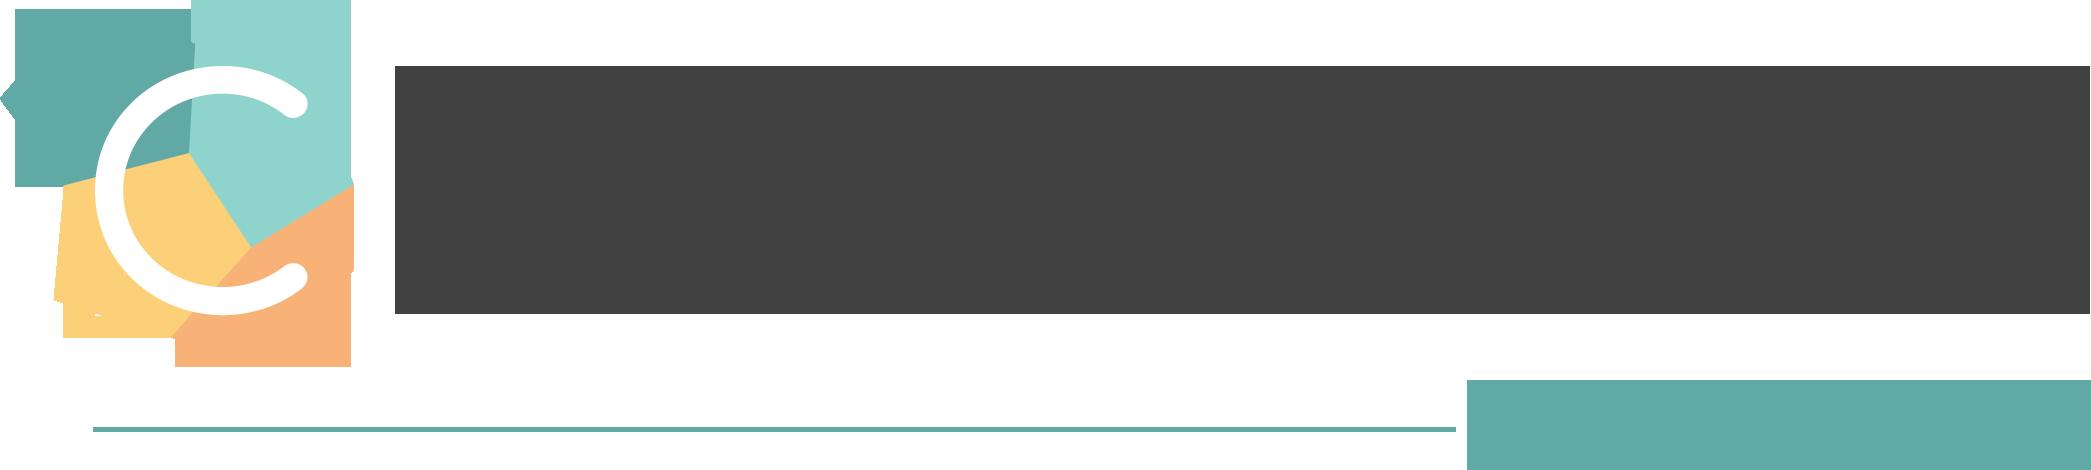 logo-couveuse-entreprises dernière version (1)